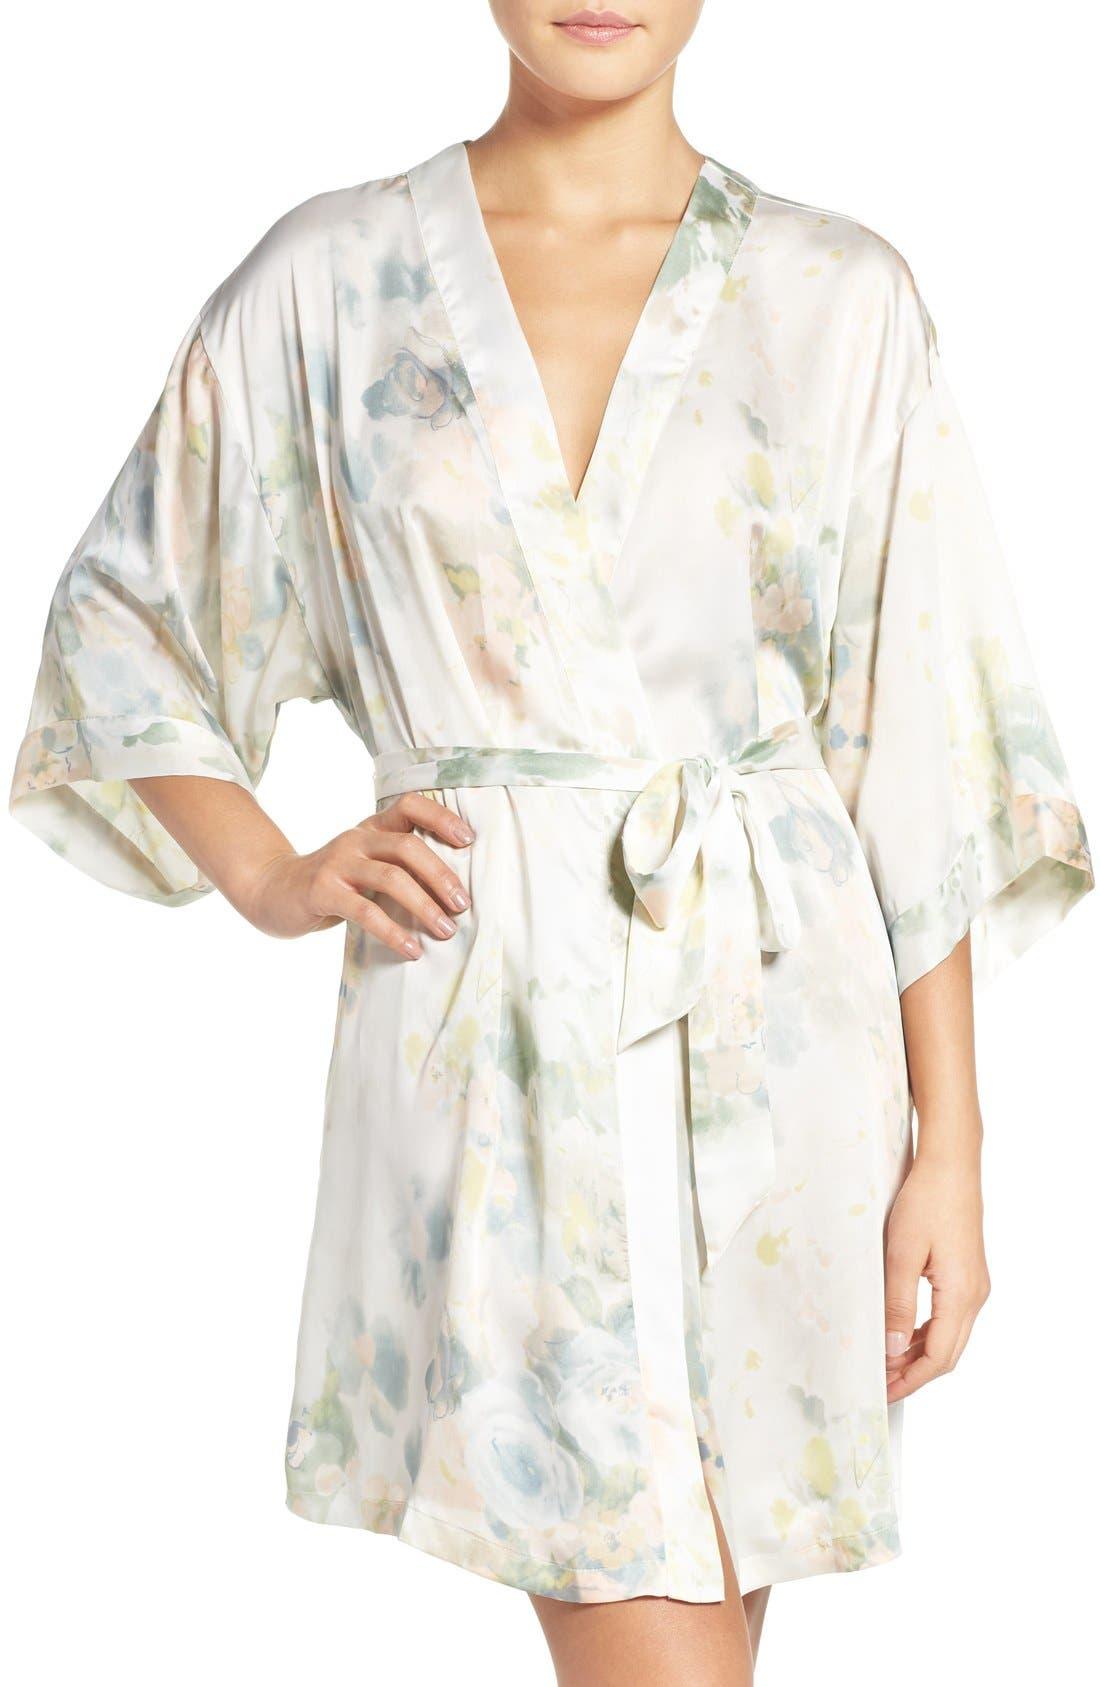 Isabella Floral Print Kimono Robe,                             Main thumbnail 1, color,                             110